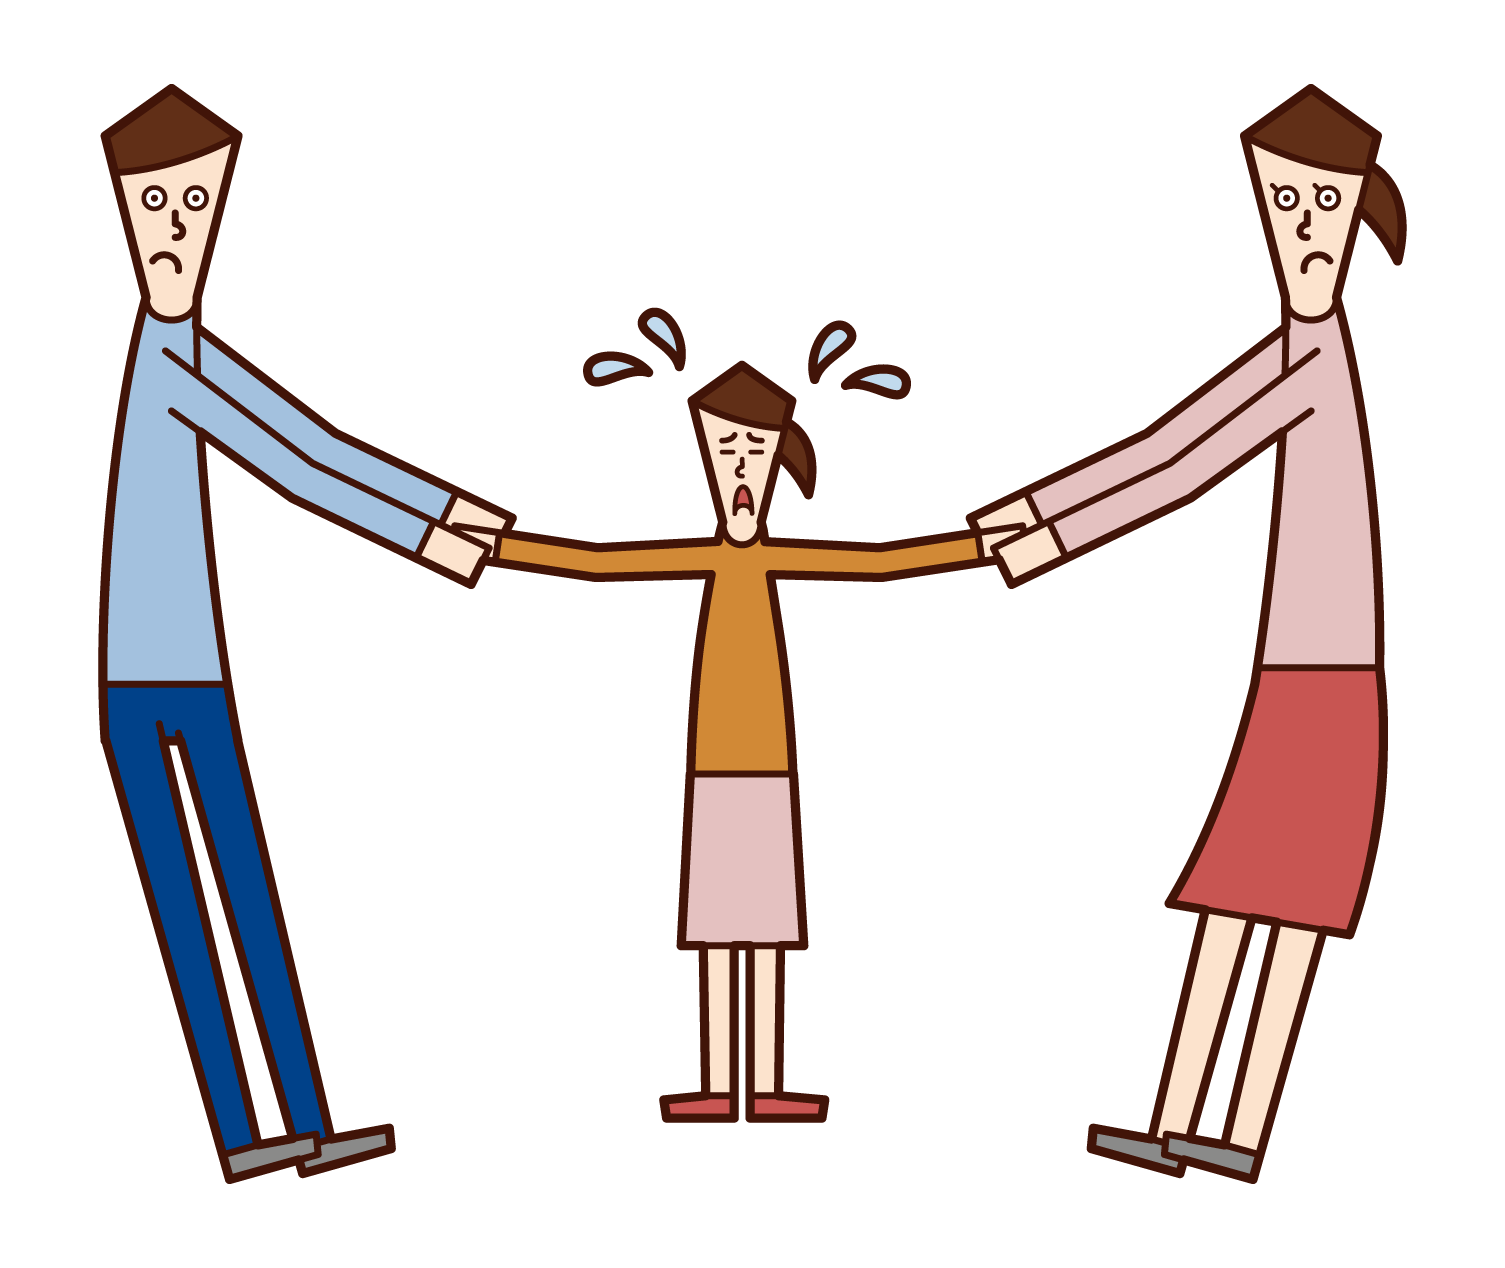 부모가 양육권과 자녀의 부모 일러스트레이션을 위해 경쟁합니다